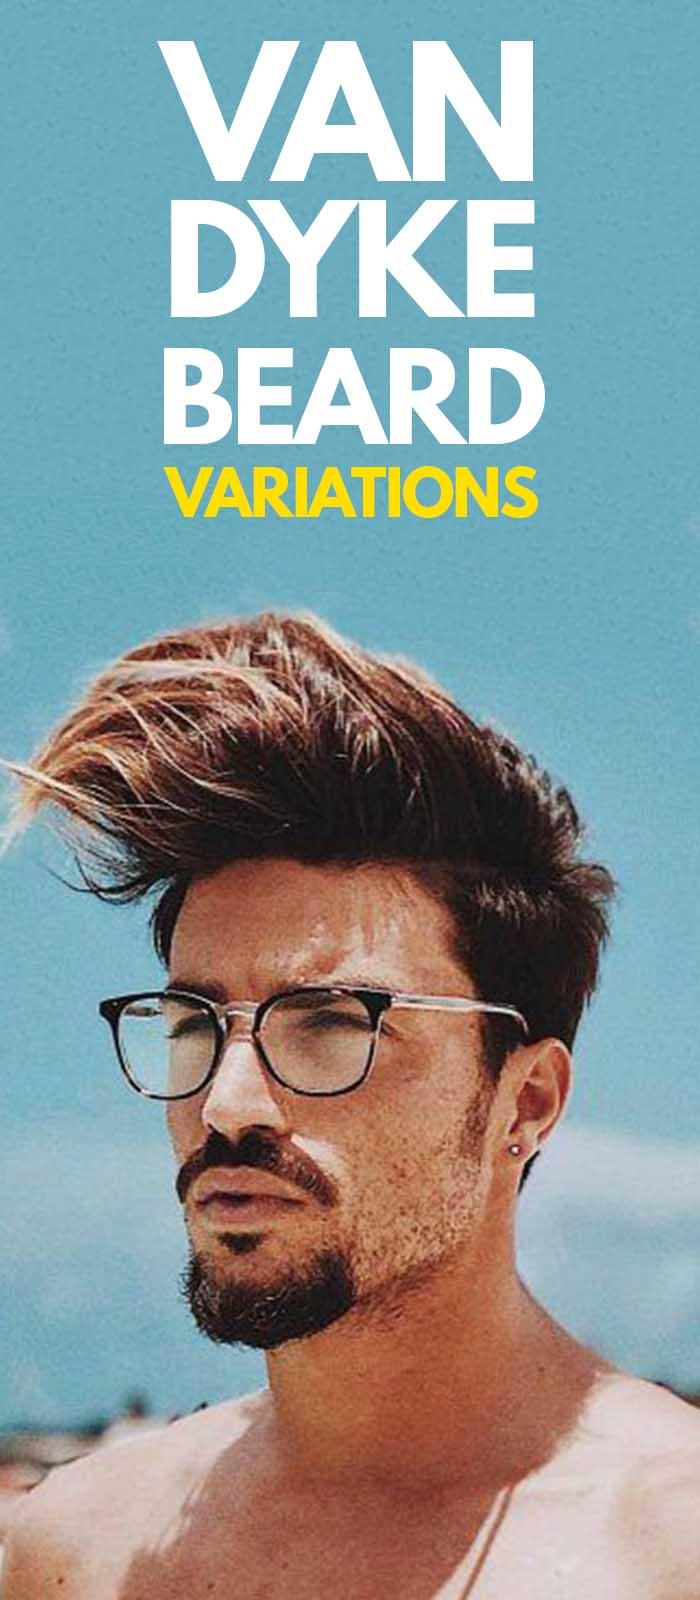 Van Dyke Beard Variations.